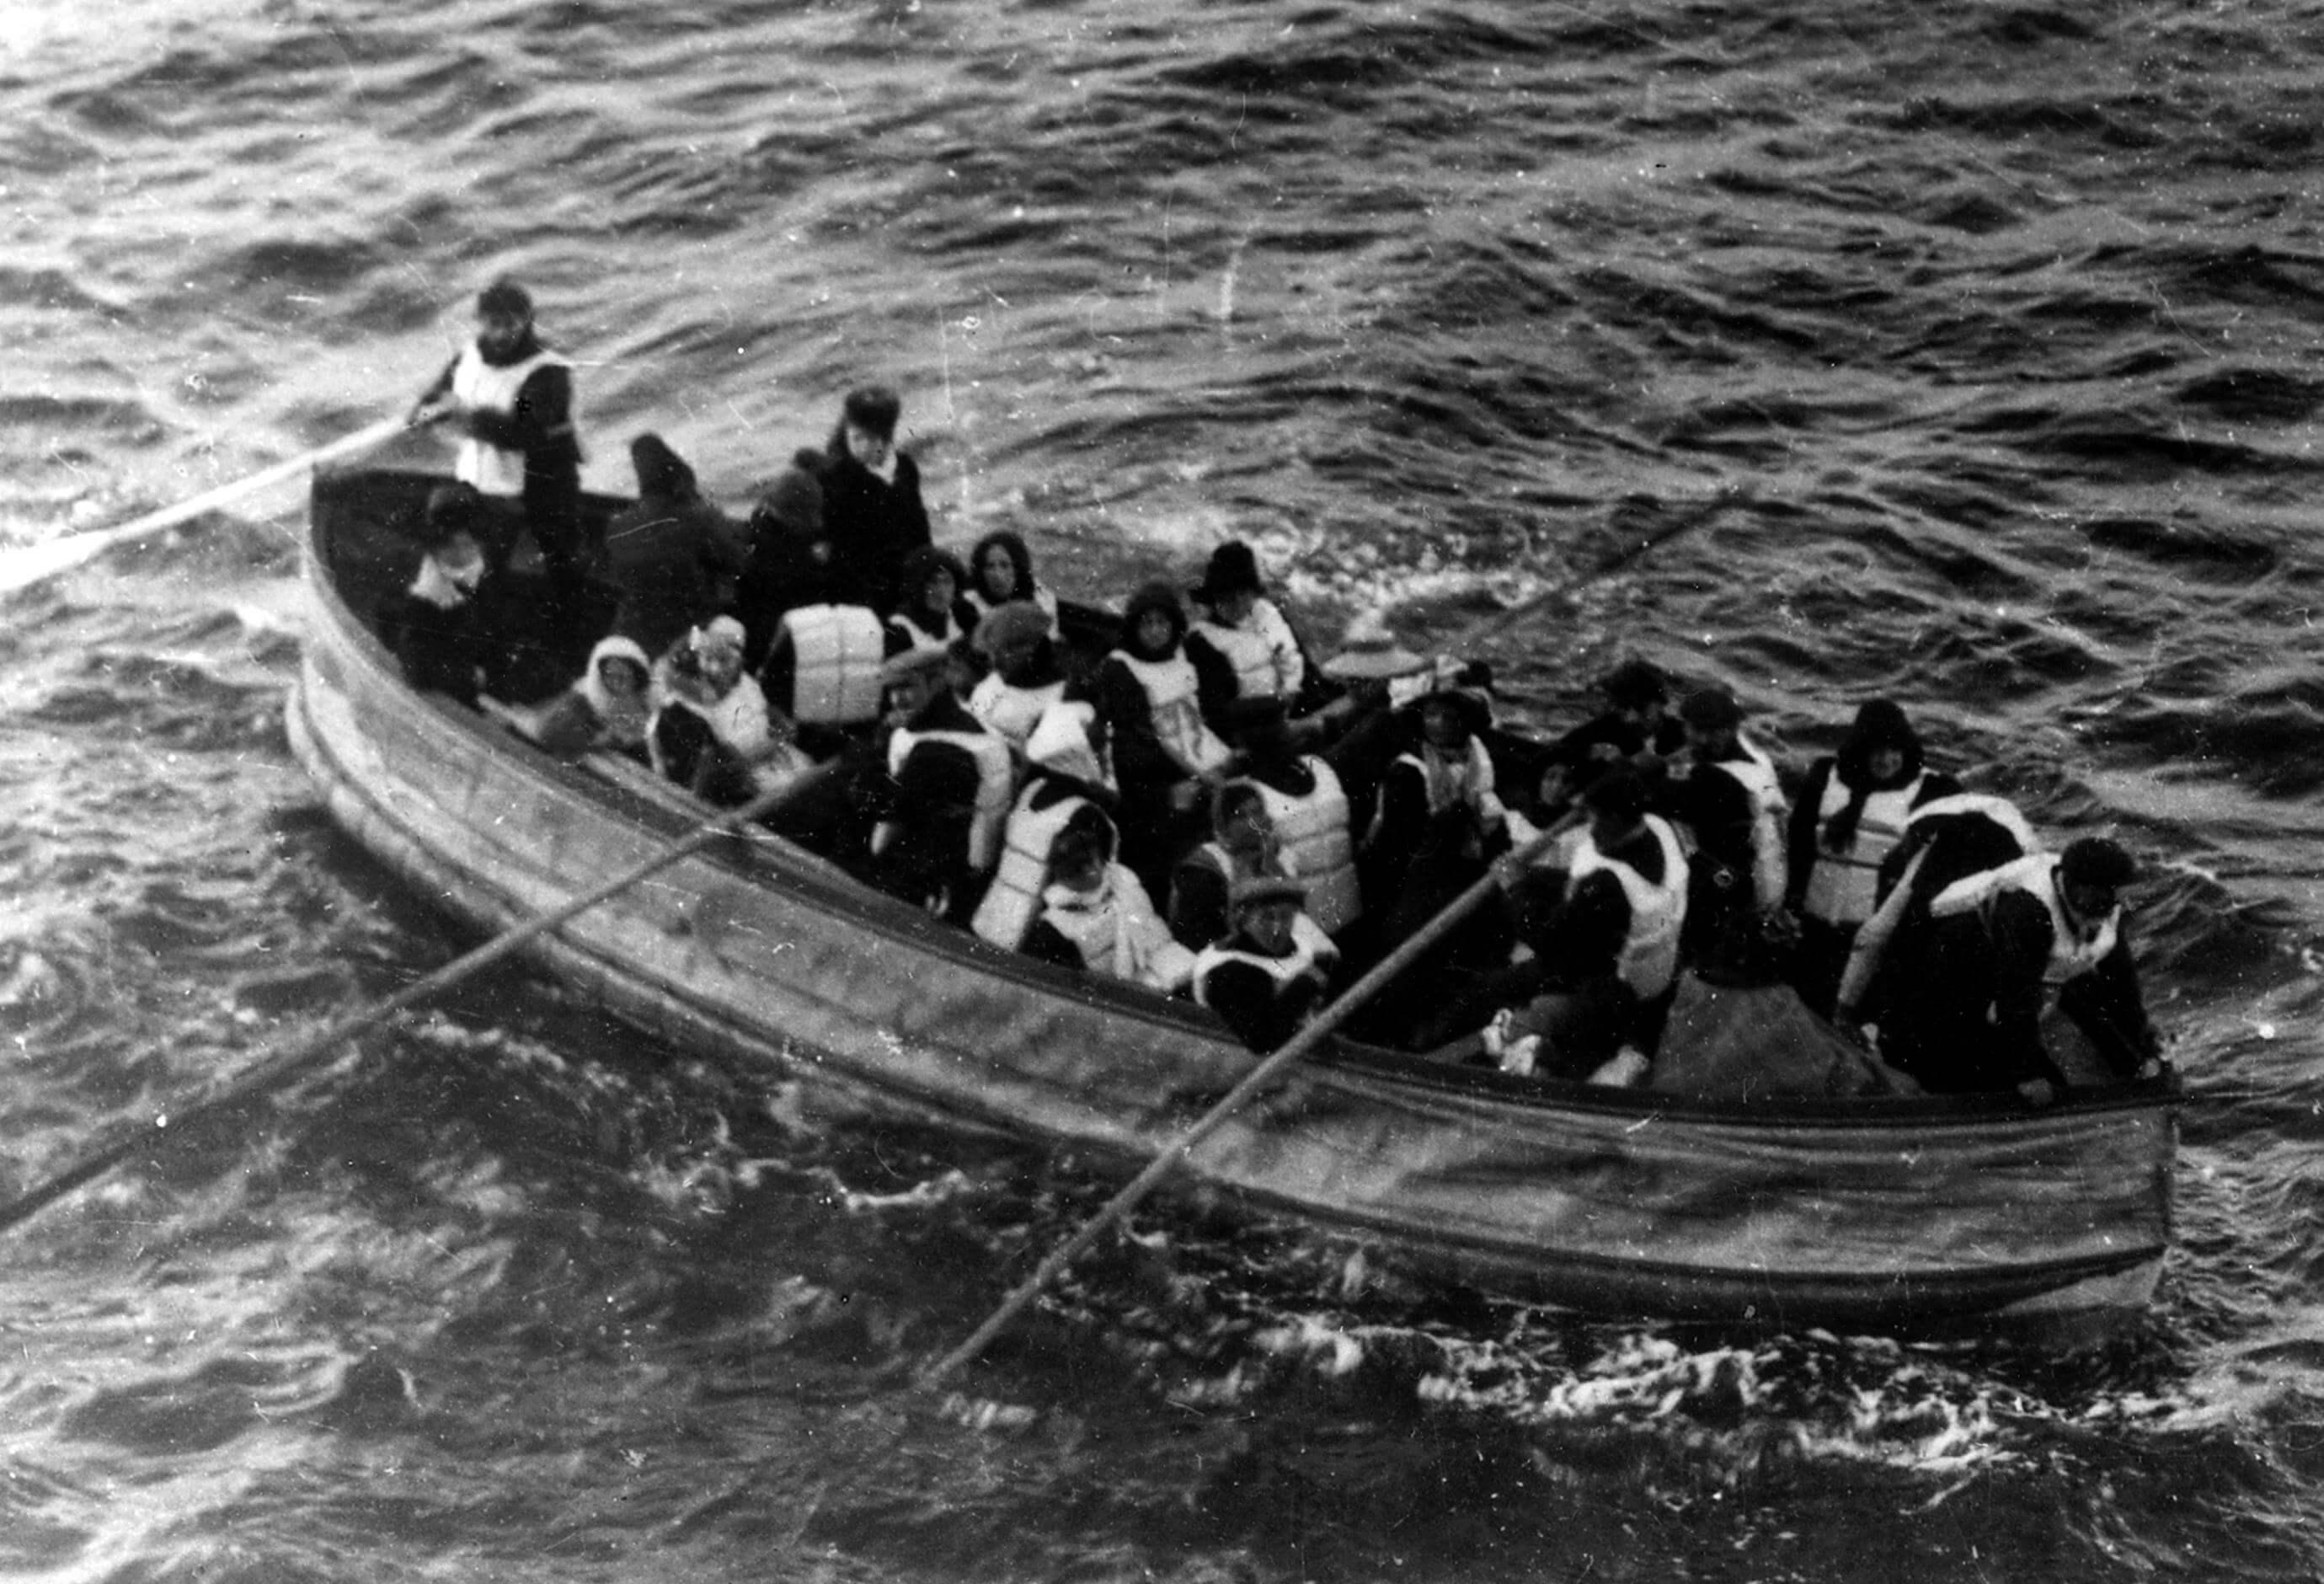 O curioso relato de um sobrevivente do Titanic